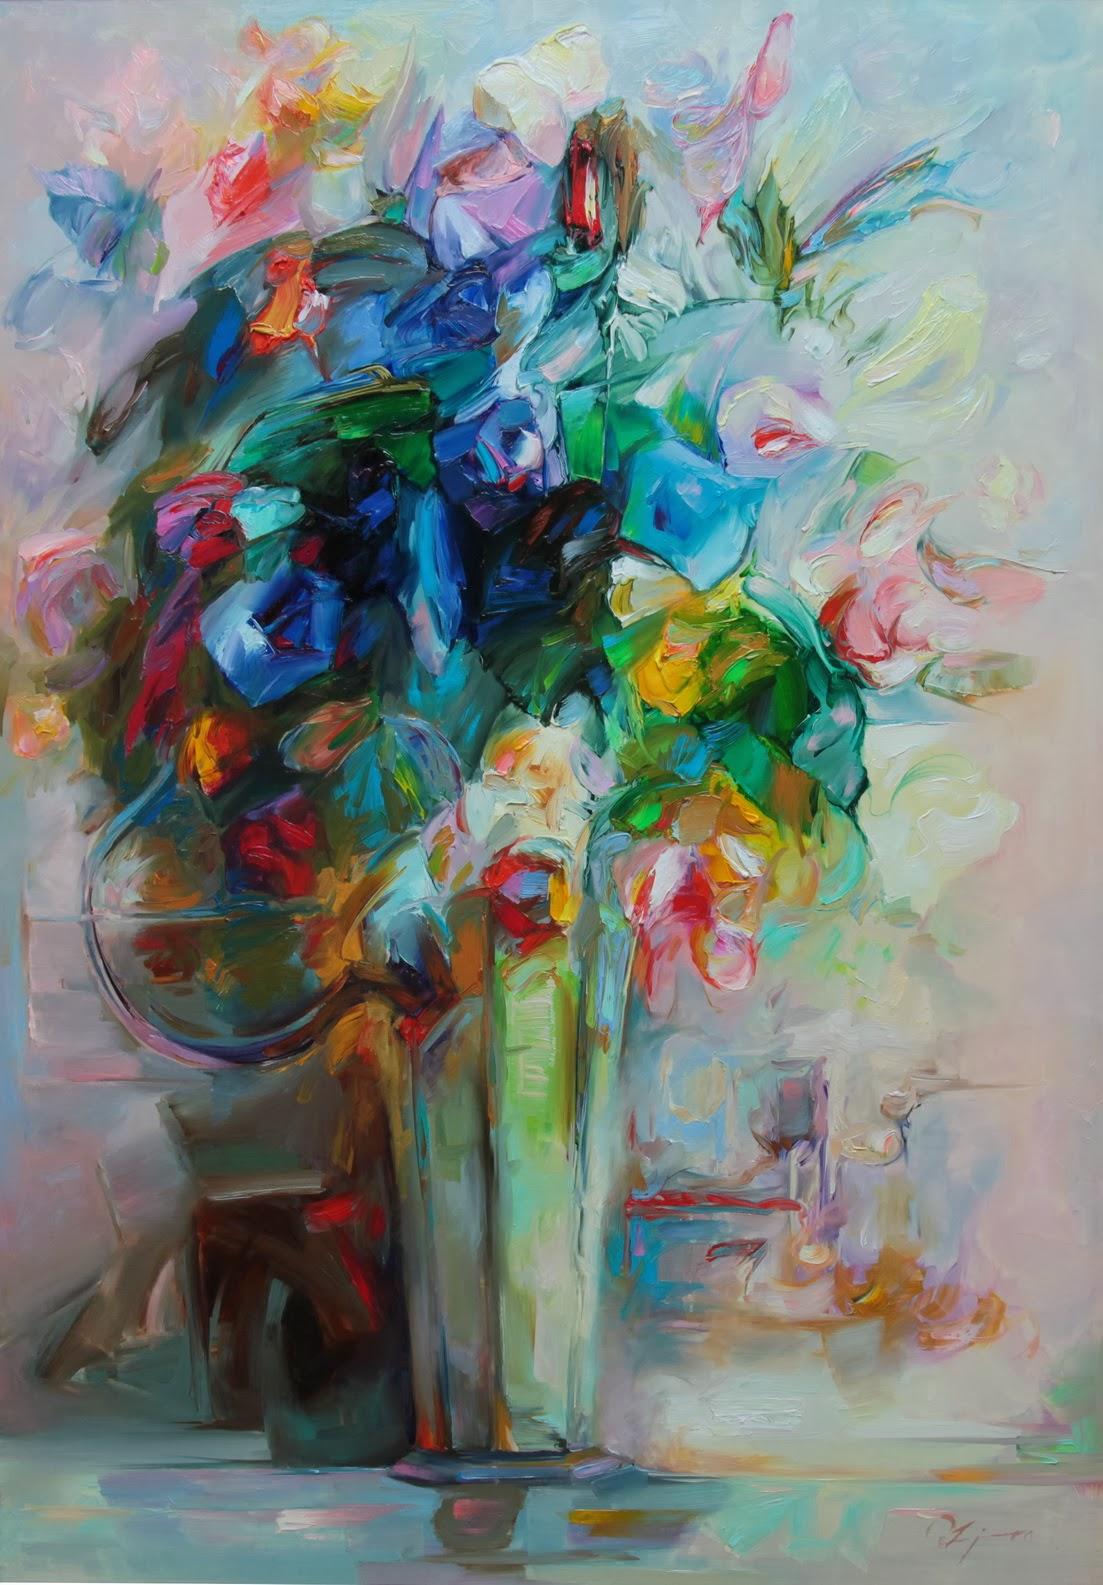 Kwiaty malowane na płótnie. Wśród barw dominuje błękit